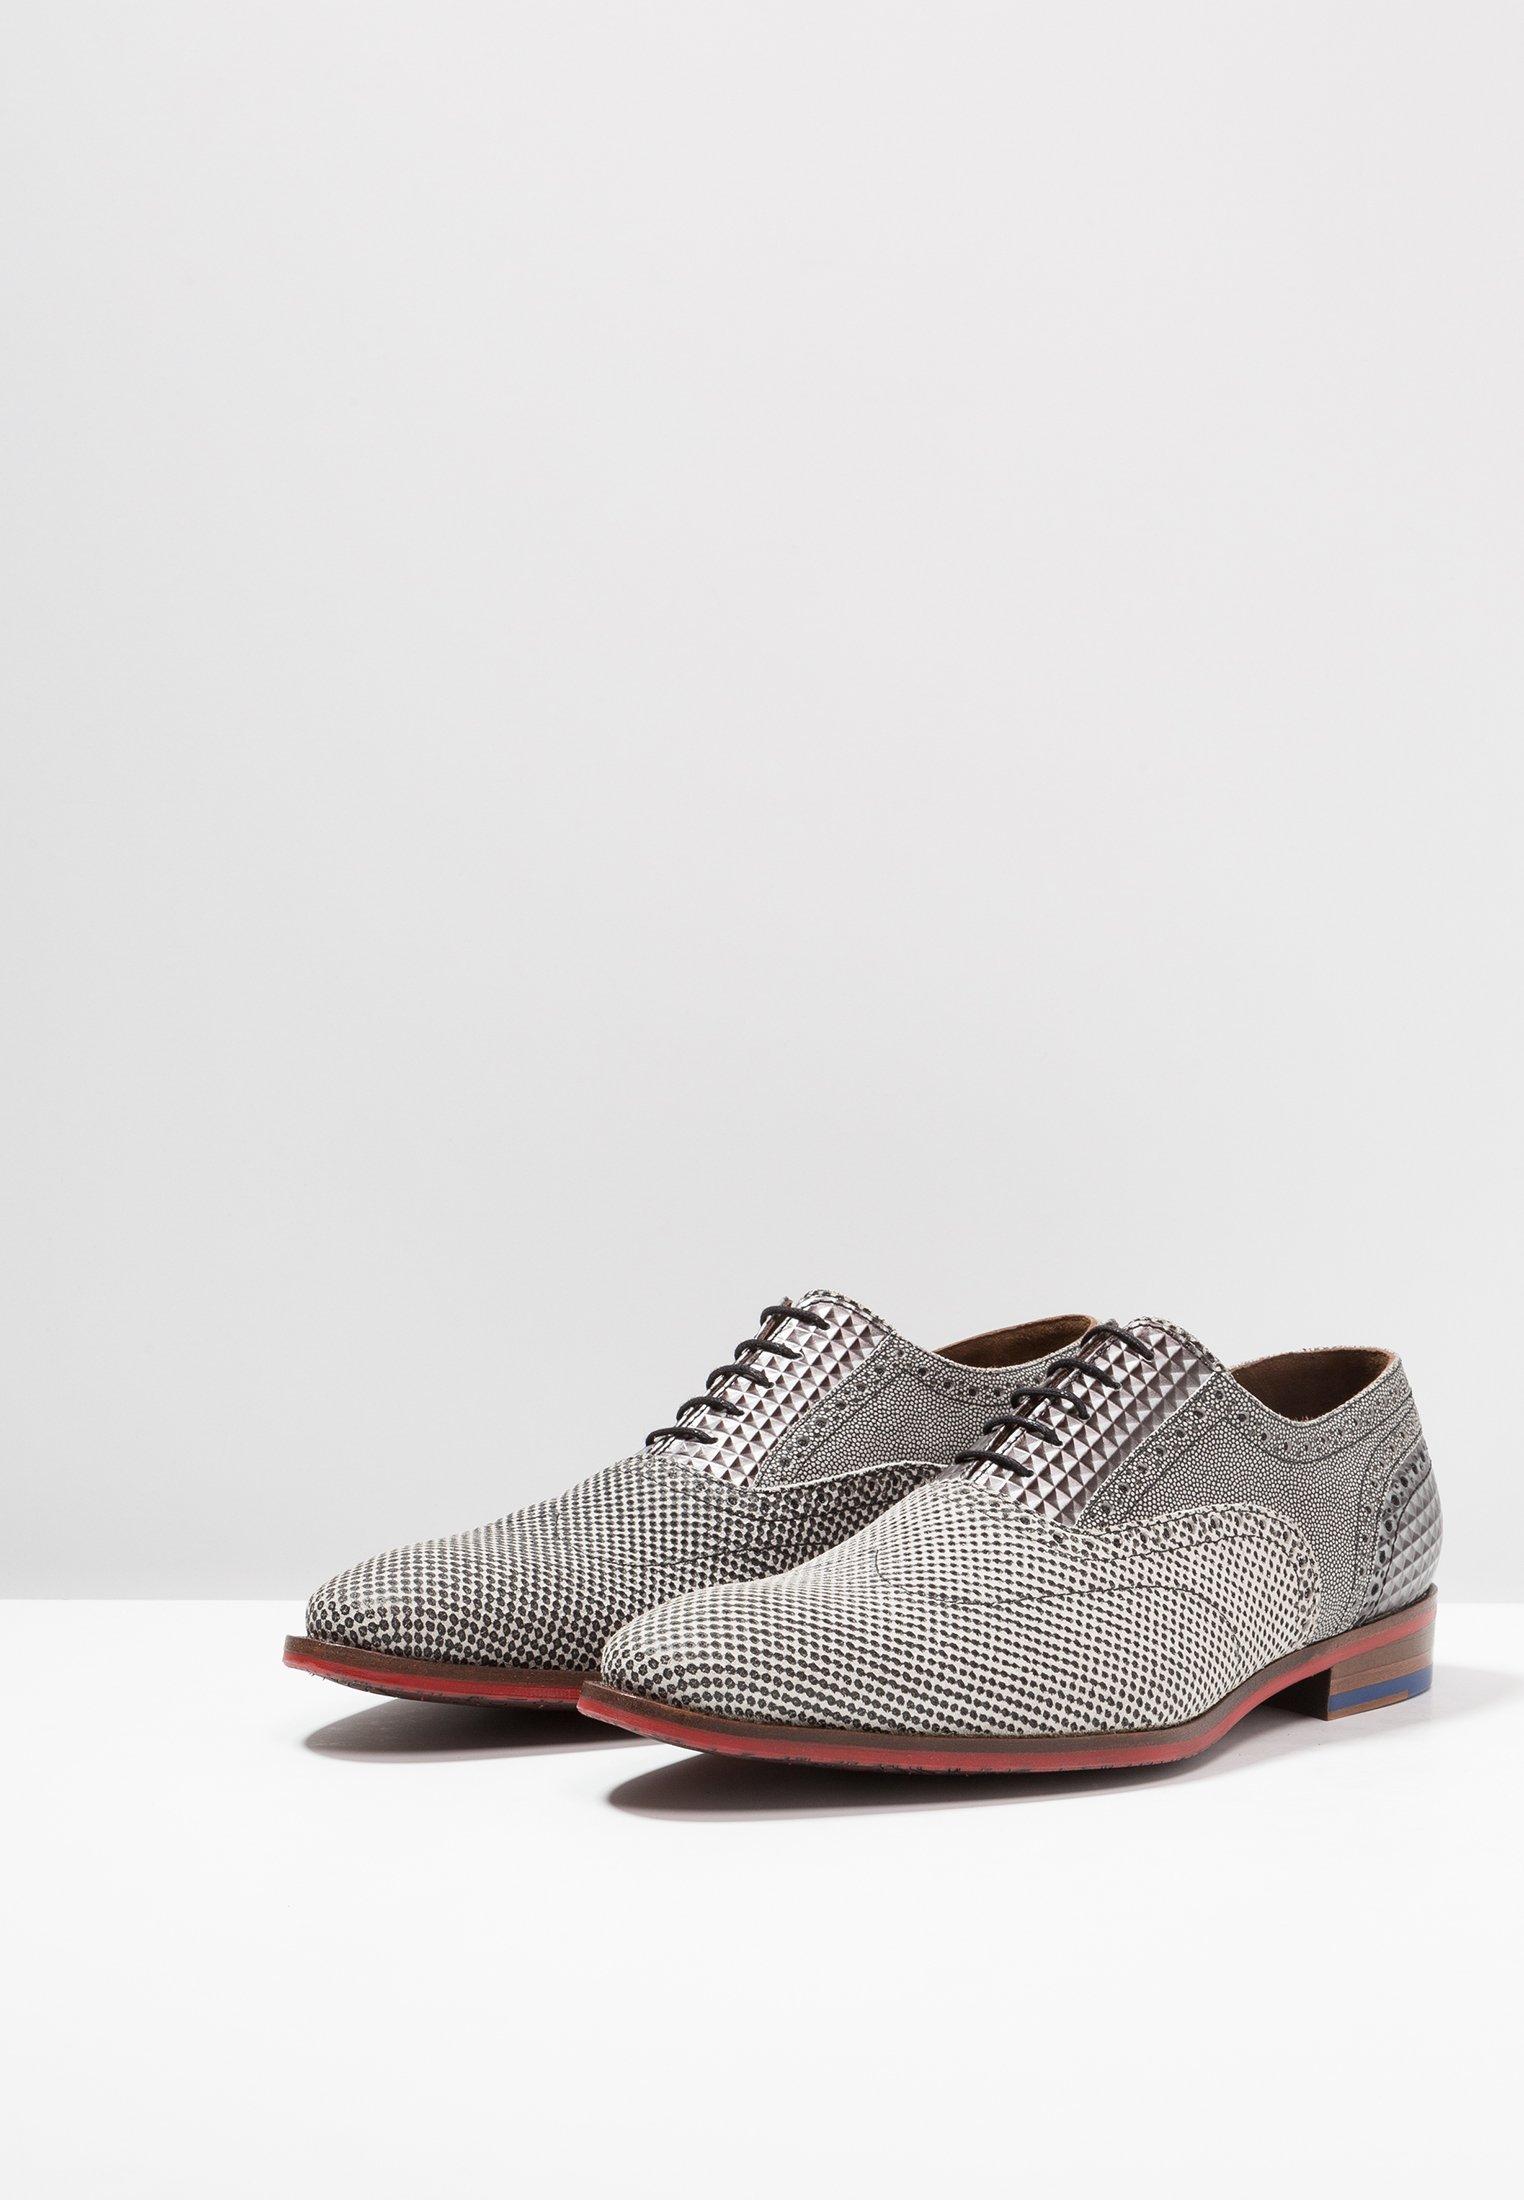 Auténtico Floris van Bommel Zapatos de vestir - grey | Zapatillas de hombre 2020 v99xK